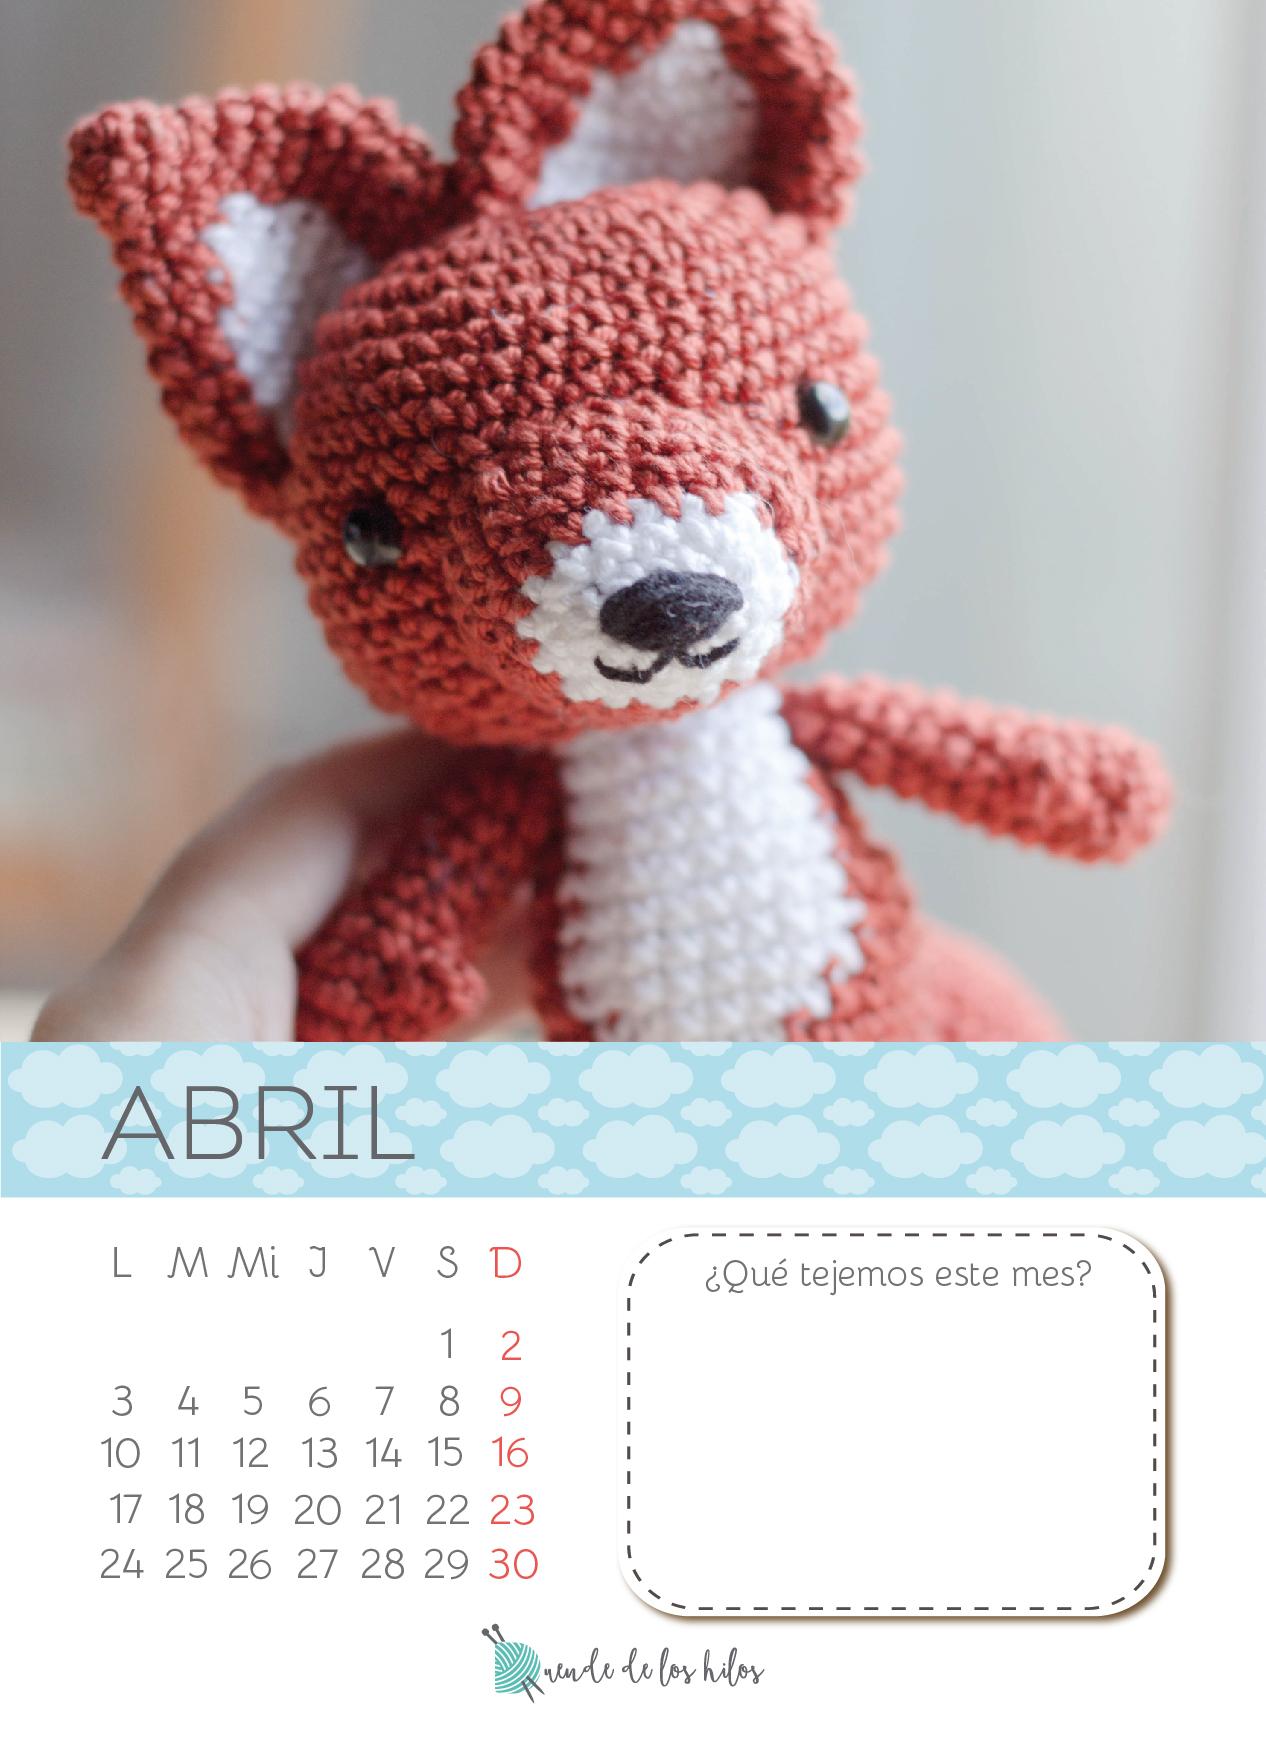 Calendario Amigurumi: Abril